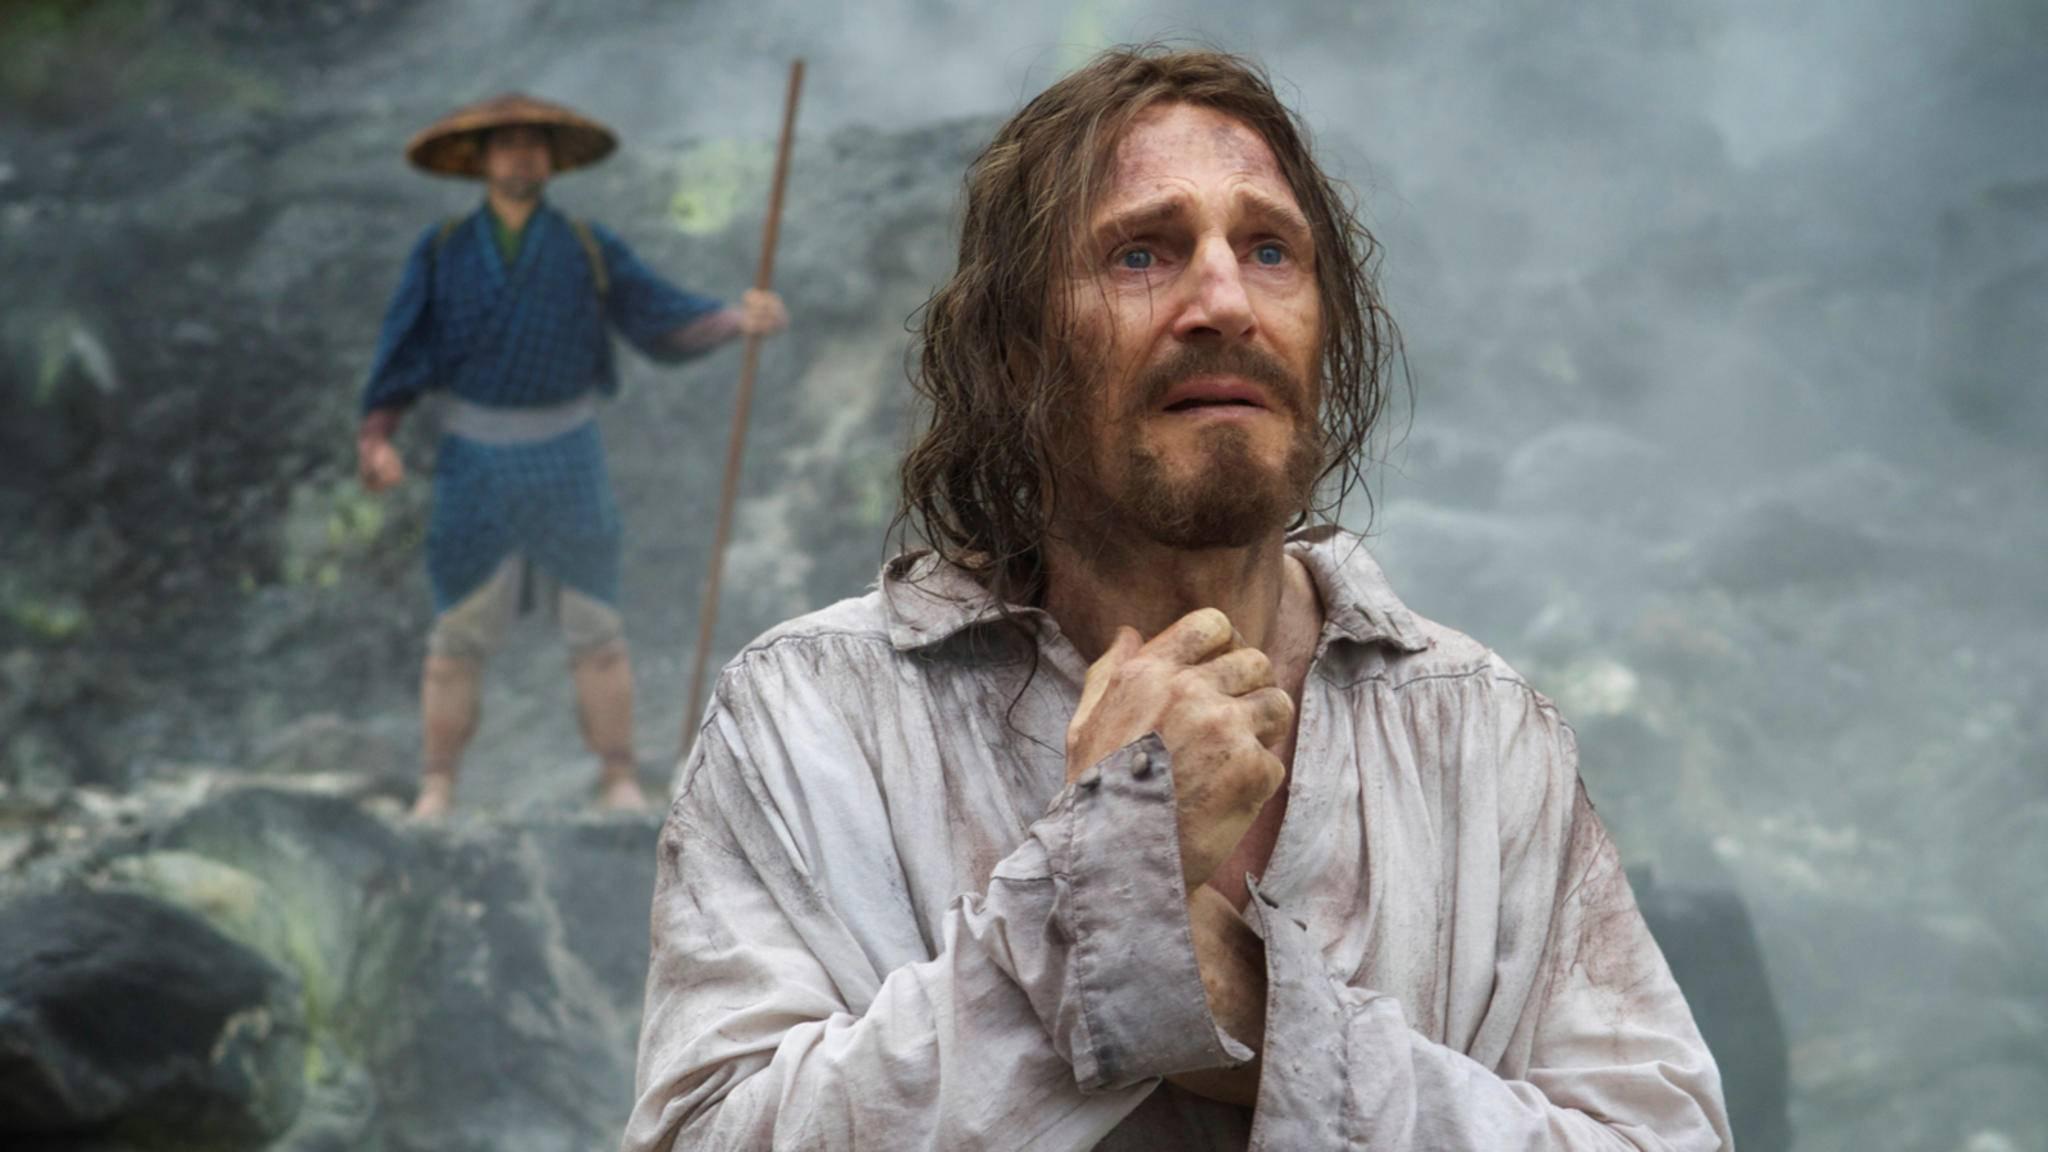 """Starkes Glaubensdrama von Martin Scorsese: """"Silence"""" ist nicht für jeden Kinogänger das Richtige."""